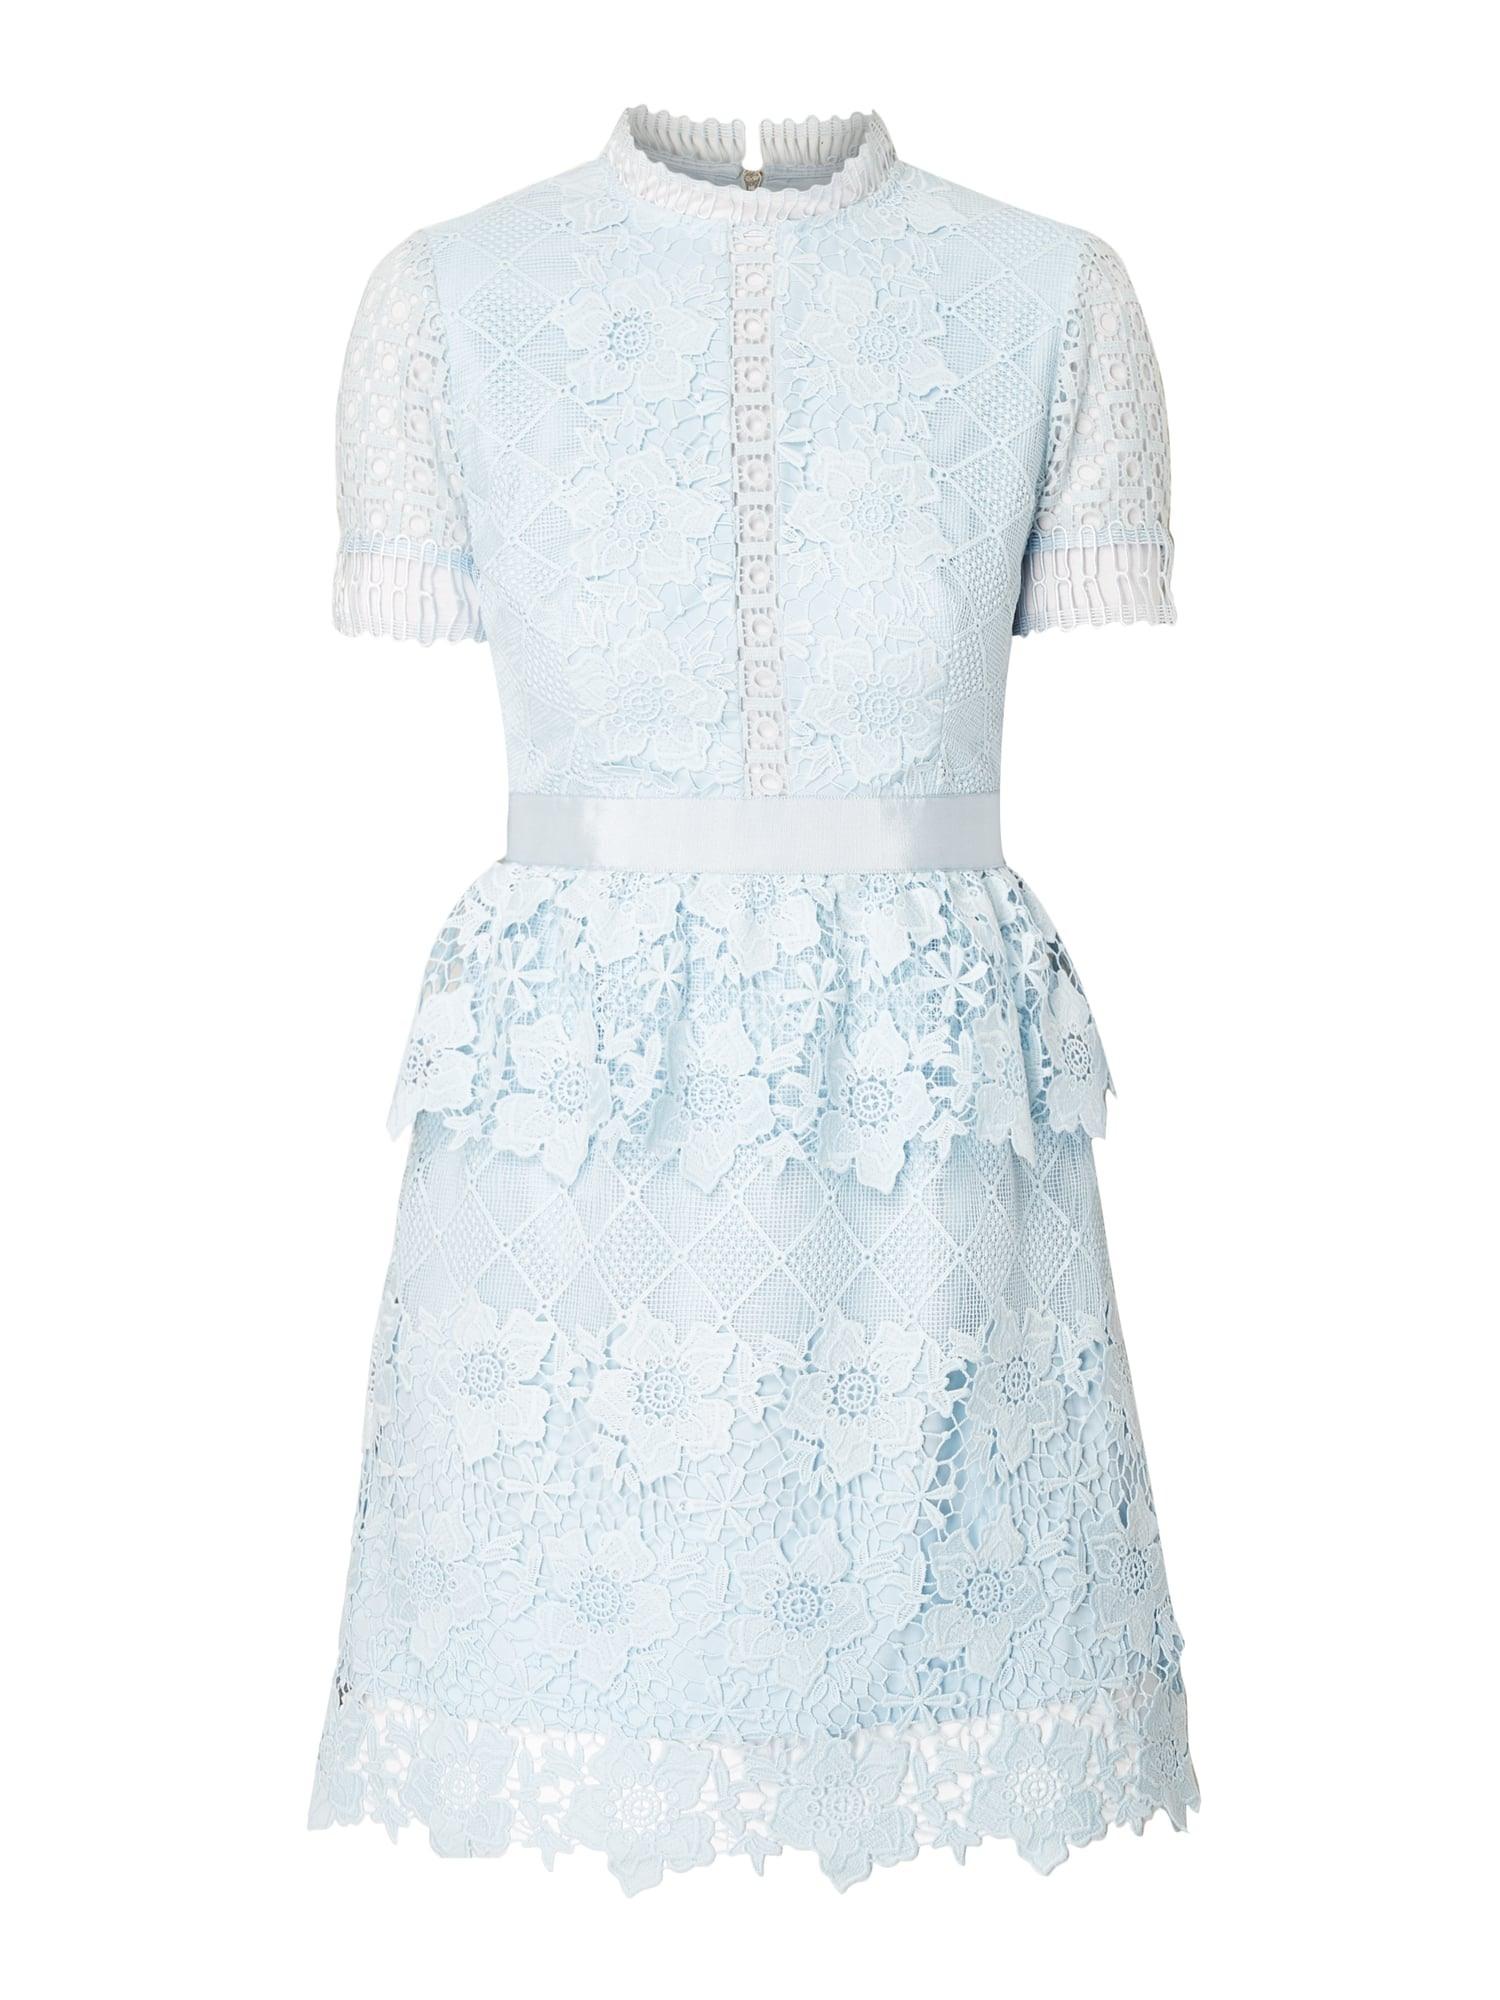 Formal Luxurius Kleid Hellblau Vertrieb10 Luxurius Kleid Hellblau Spezialgebiet